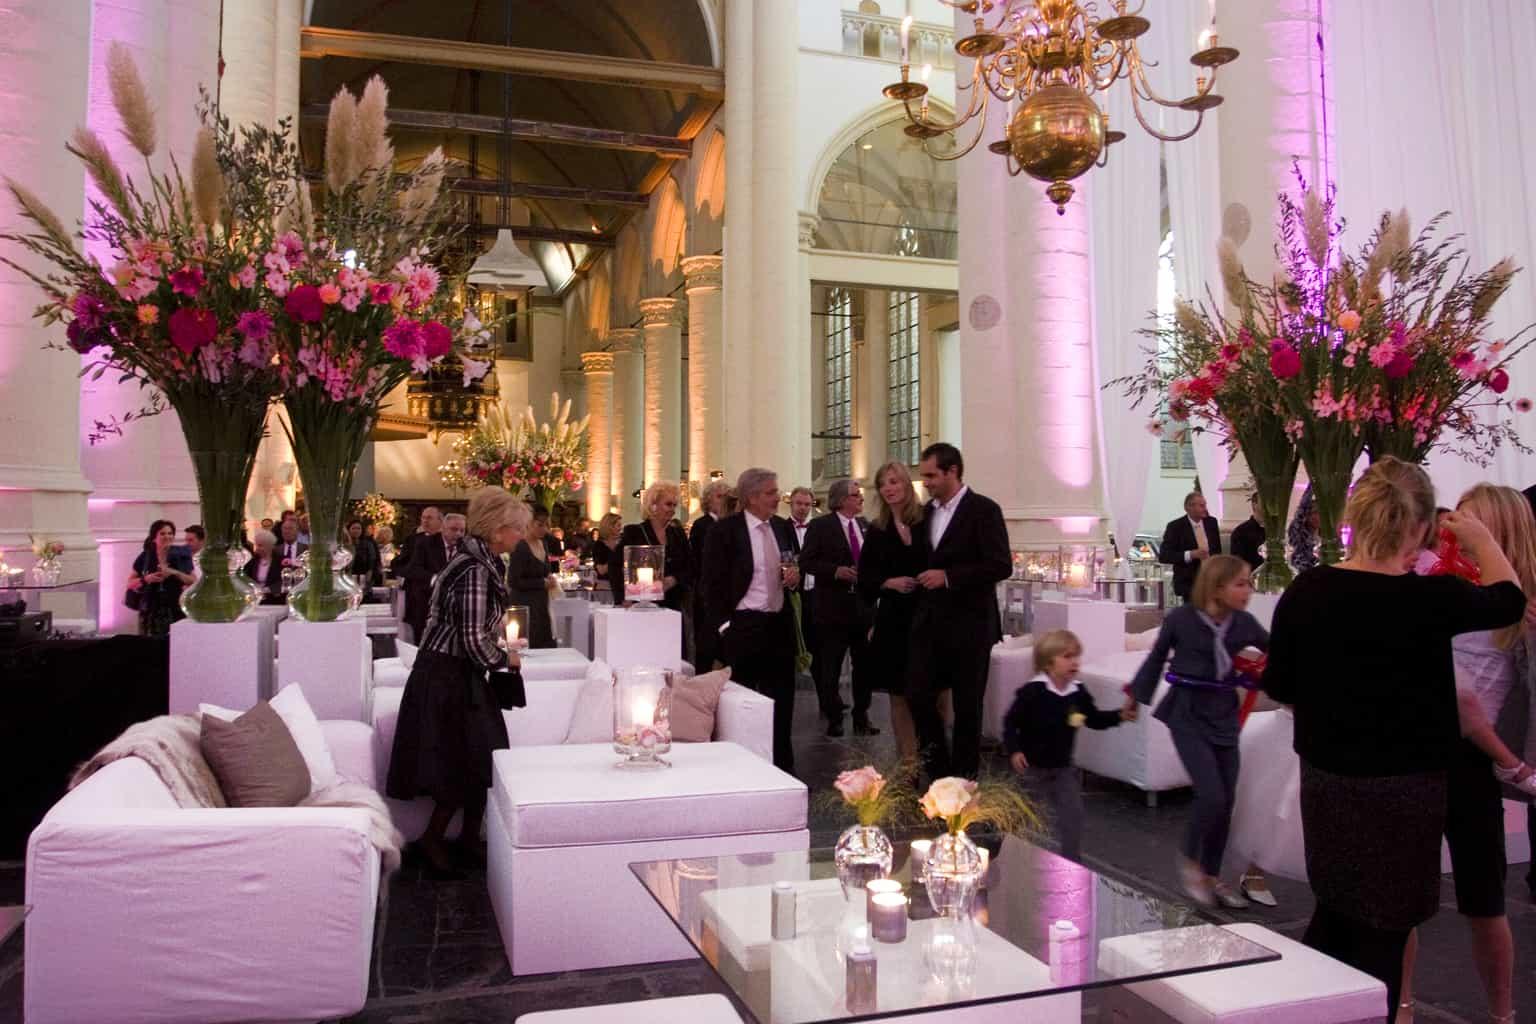 Huwelijksfeest in de Hooglandse kerk in Leiden, wedding en planning, Weddingplanner, fotocredits Sjouke Dijkstra